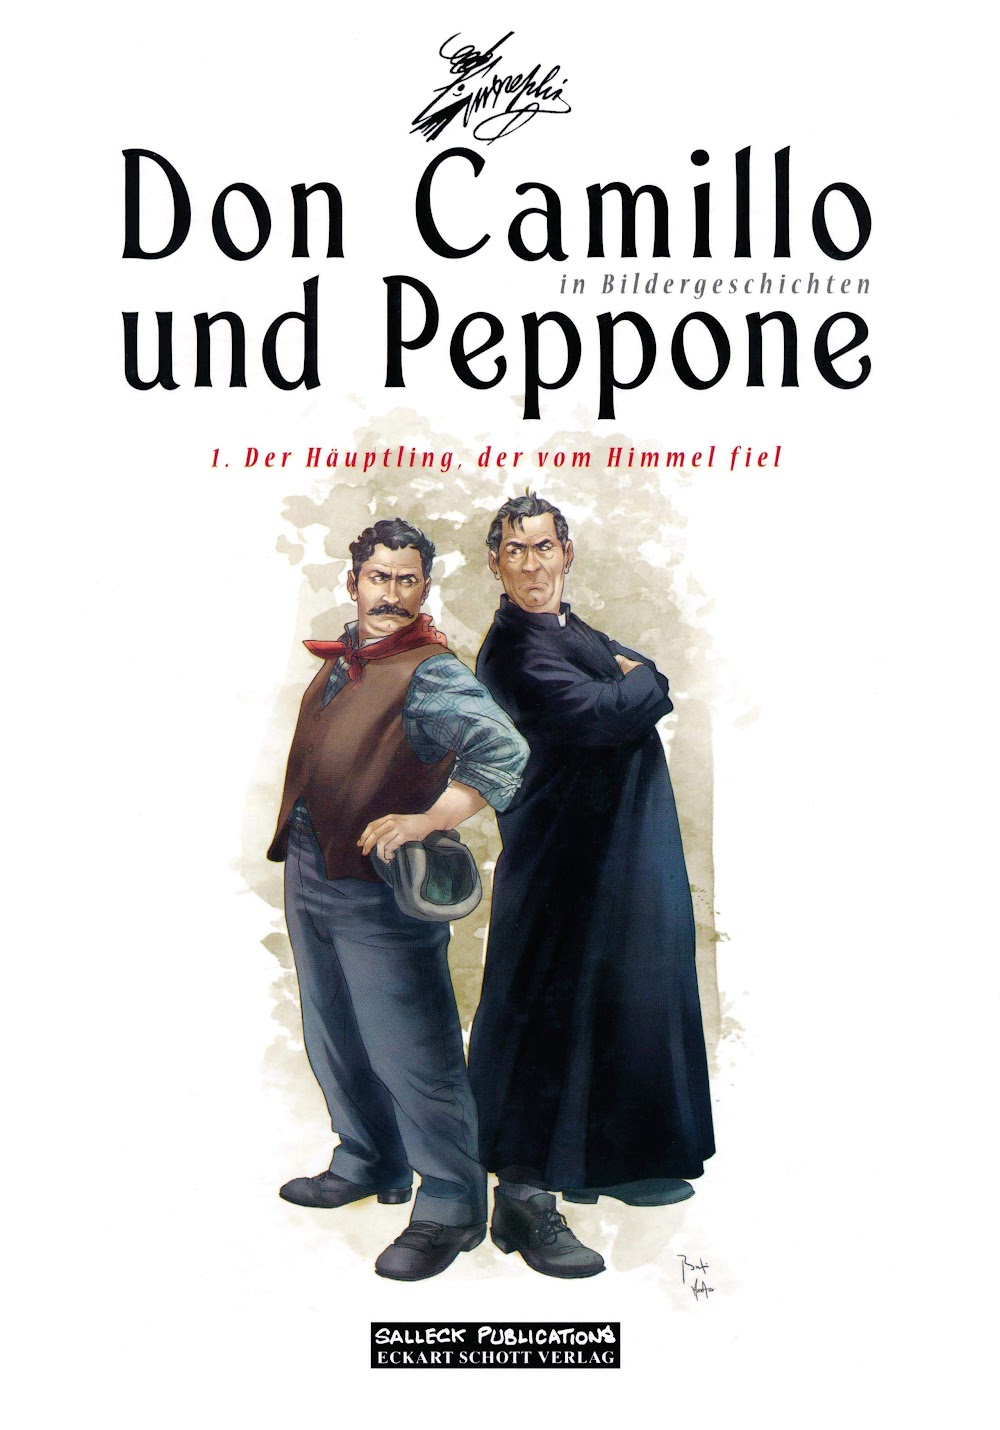 Don Camillo und Peppone in Bildergeschichten (2013) - komplett